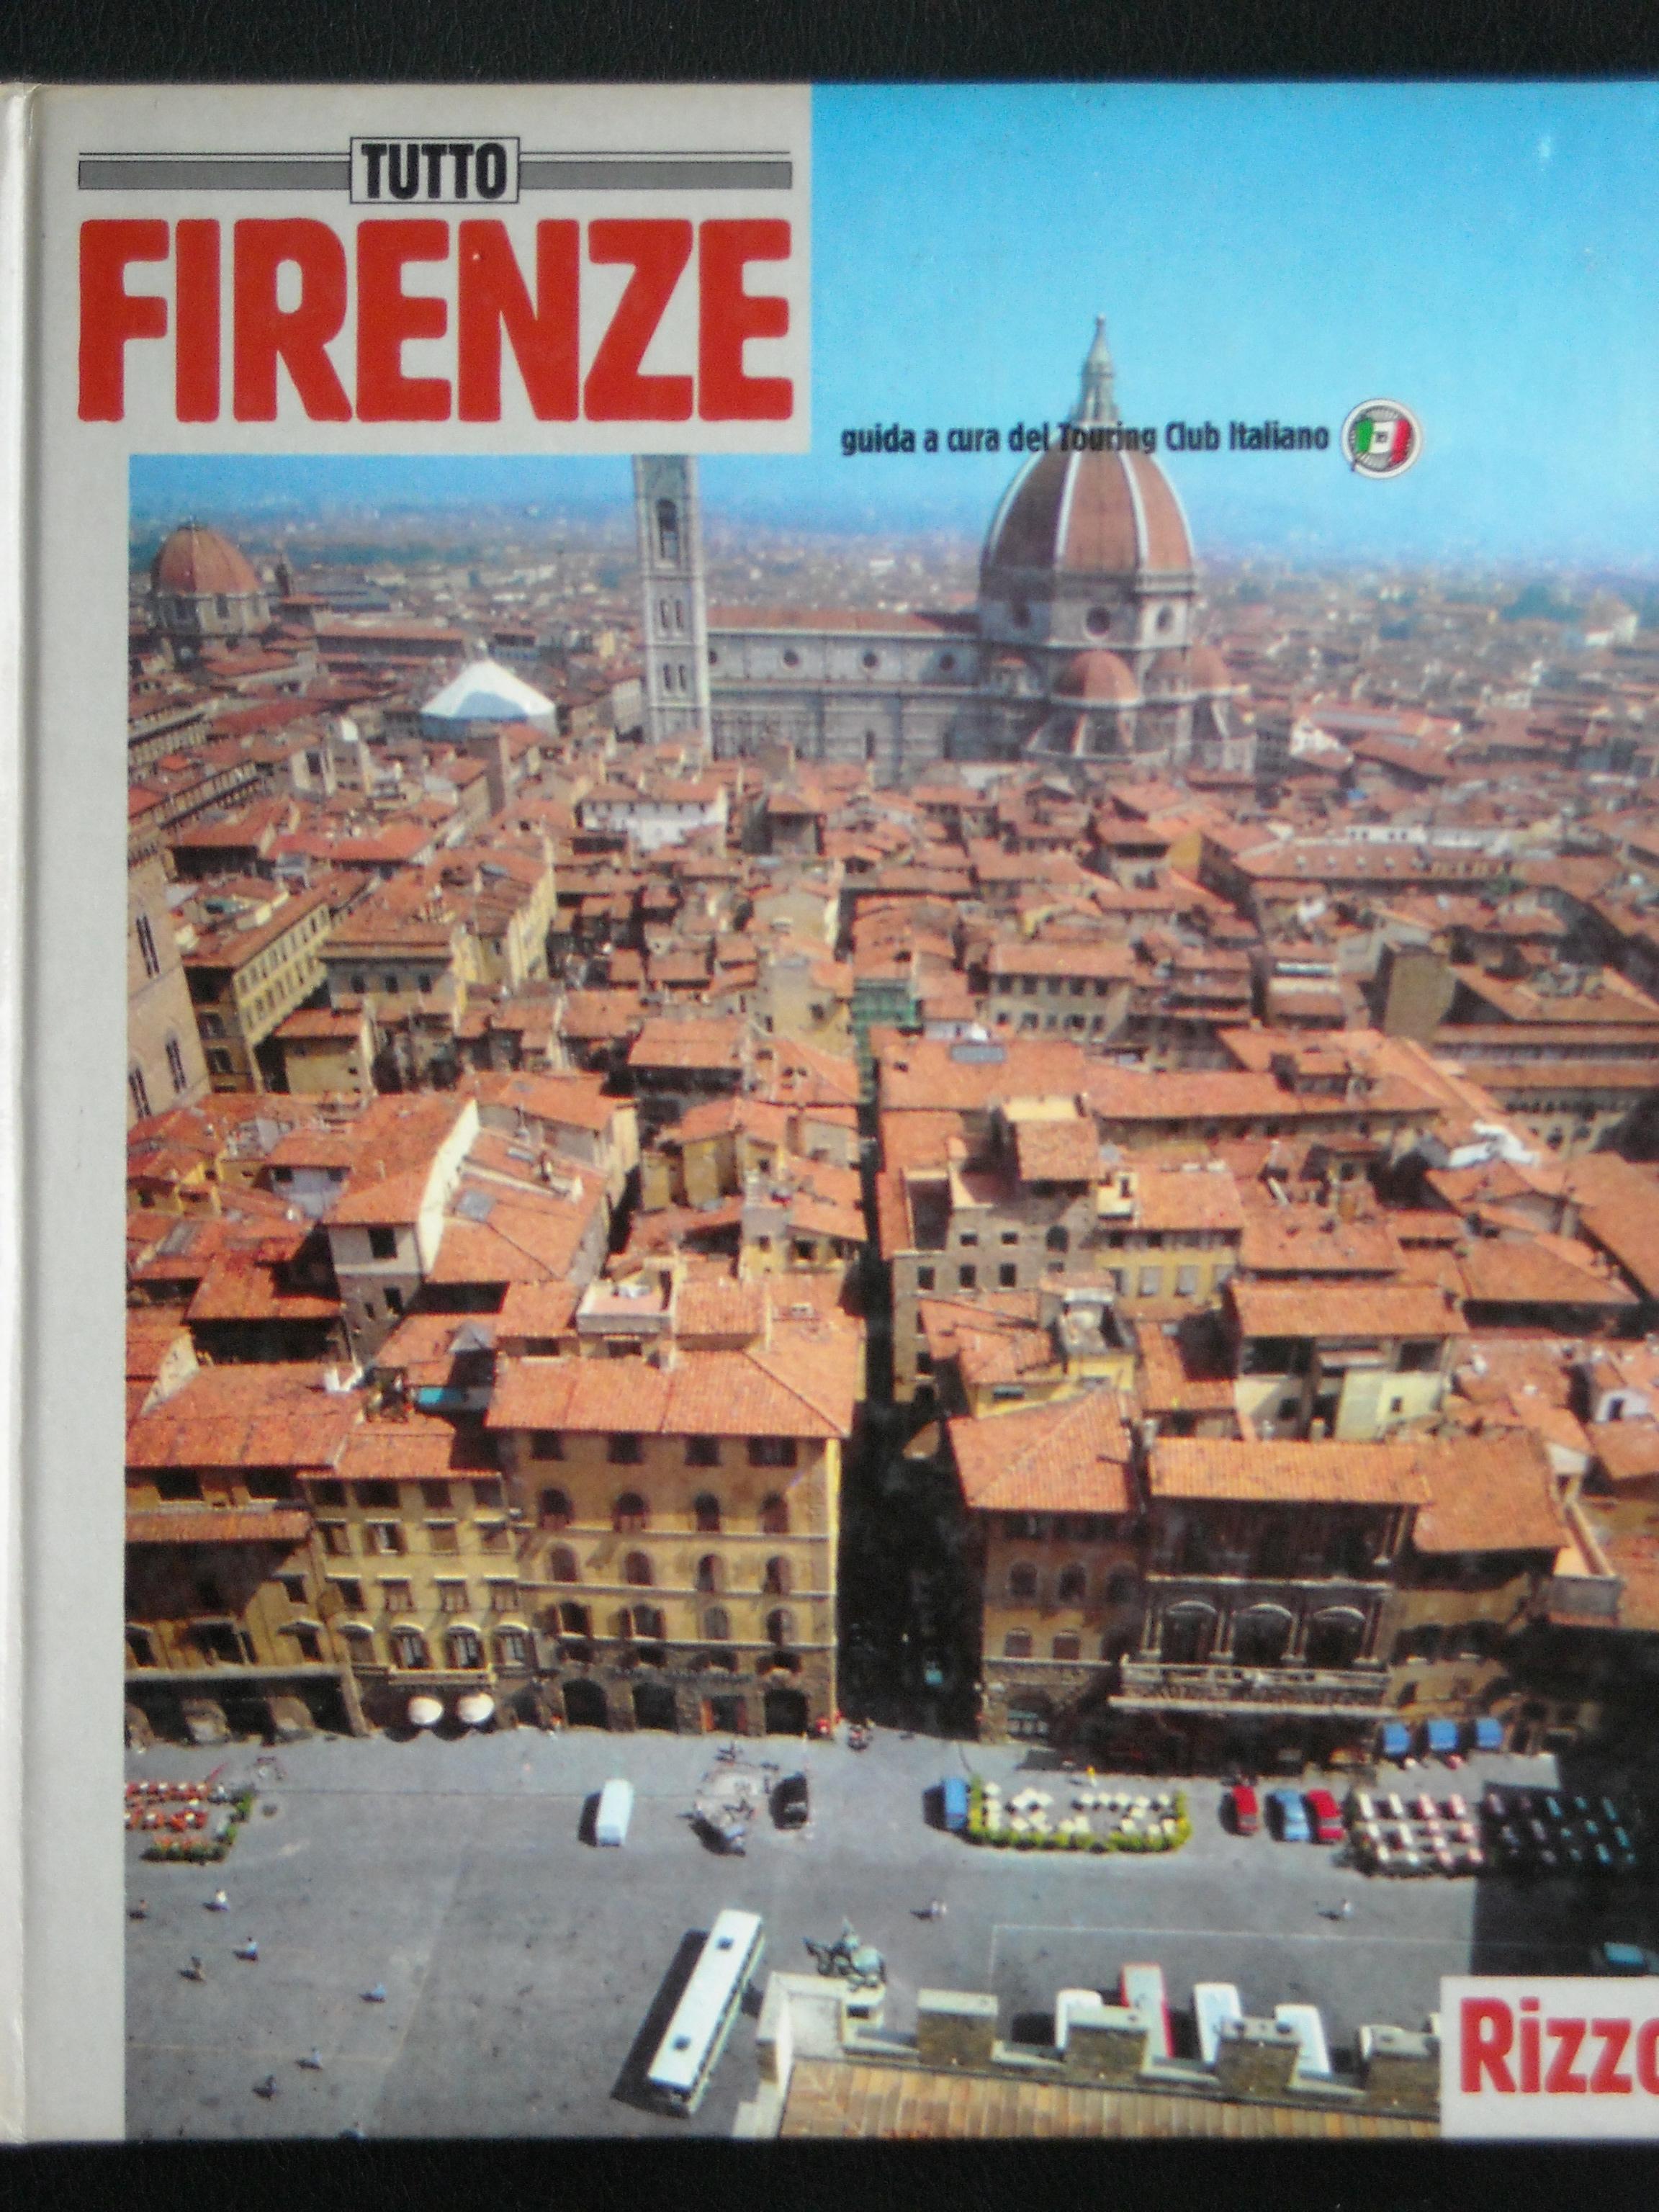 Tutto Firenze